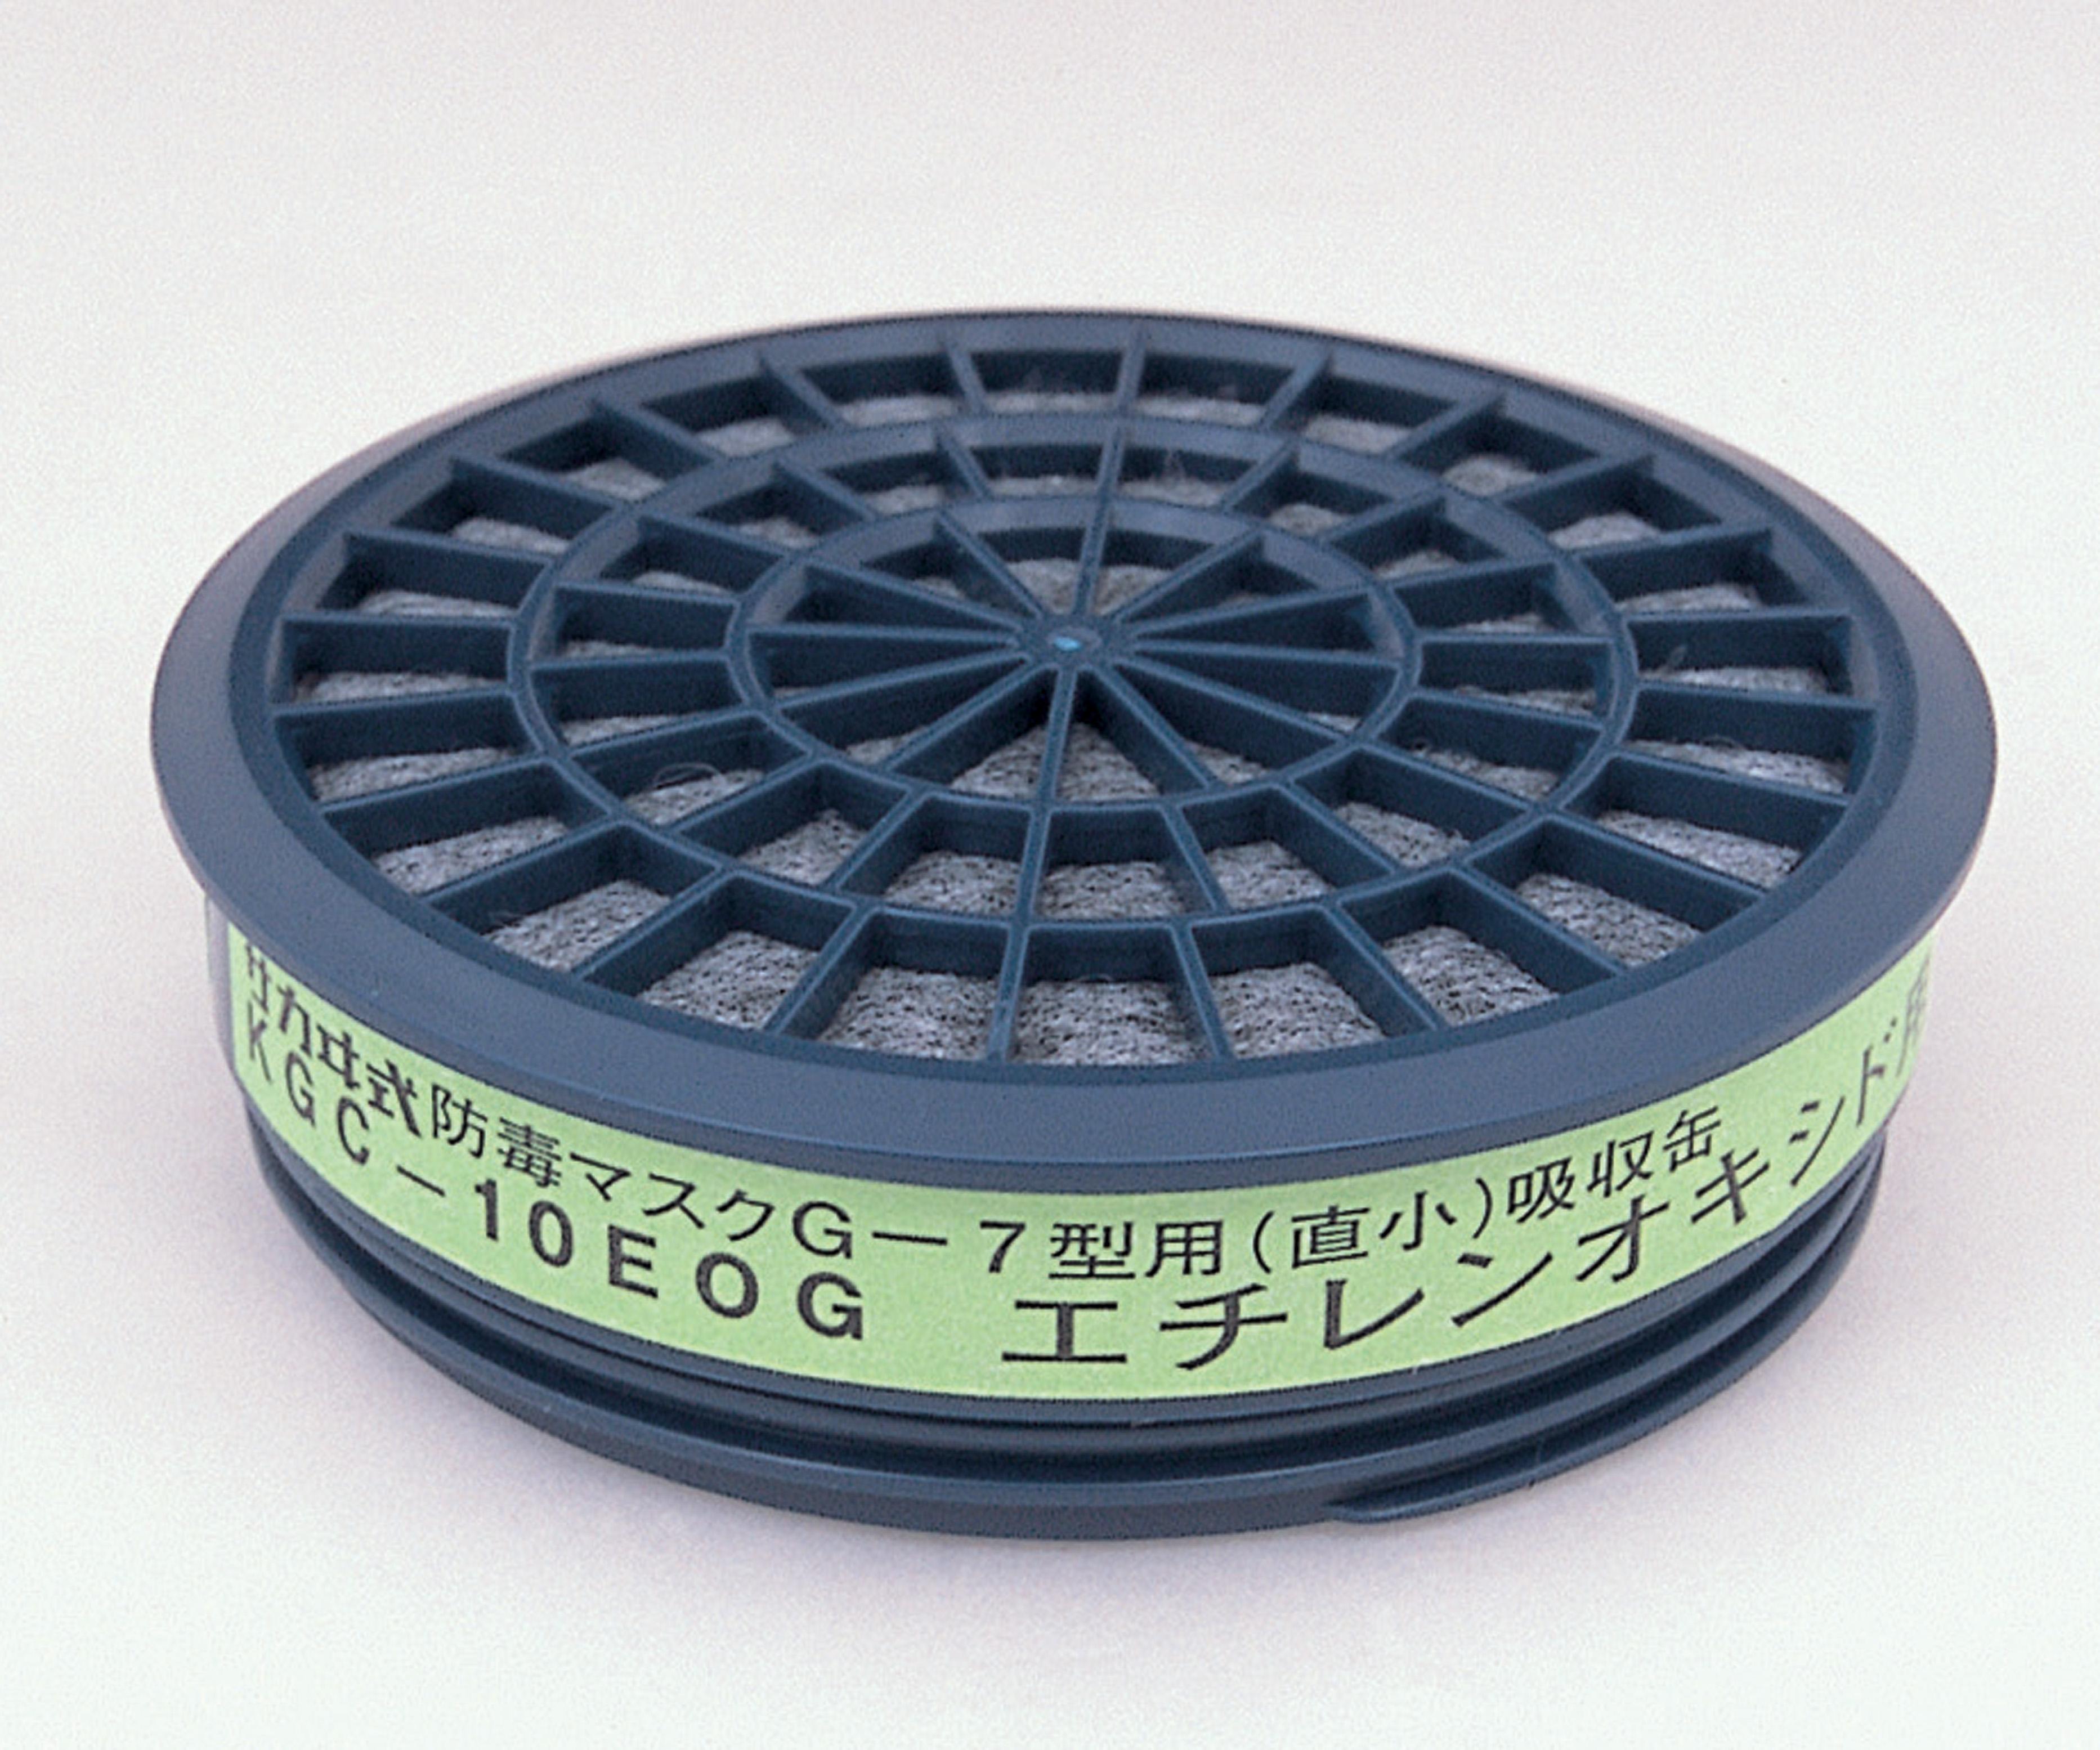 防毒マスク用吸収缶 エチレンオキシド用 KGC-10EOG 5個入